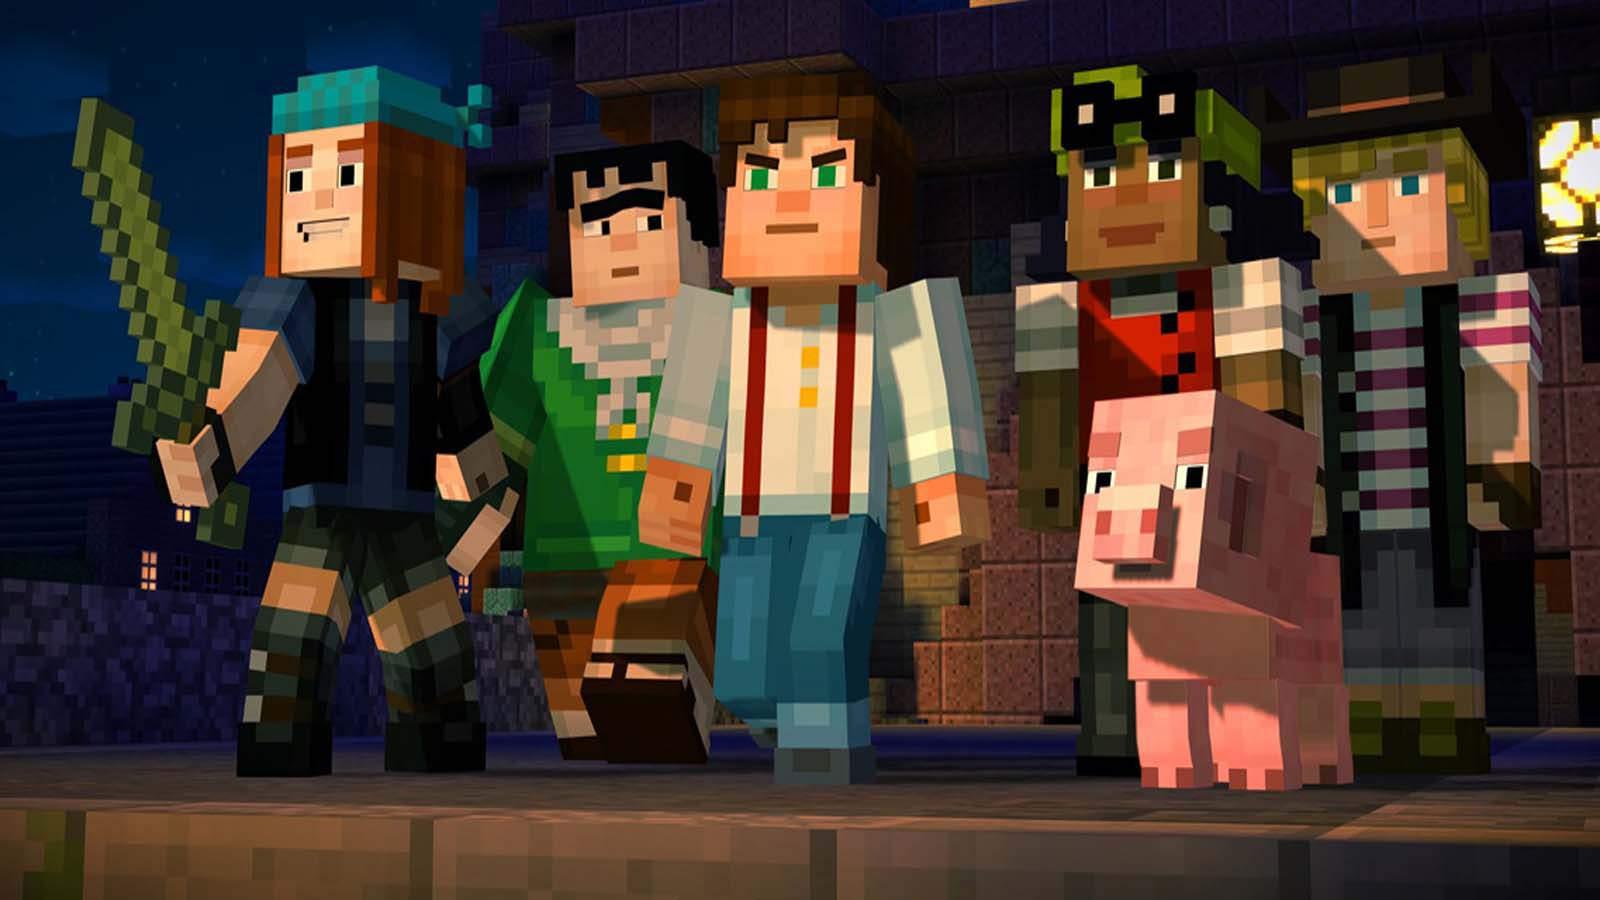 تحميل لعبة Minecraft Story Mode مضغوطة برابط واحد مباشر كاملة مجانا